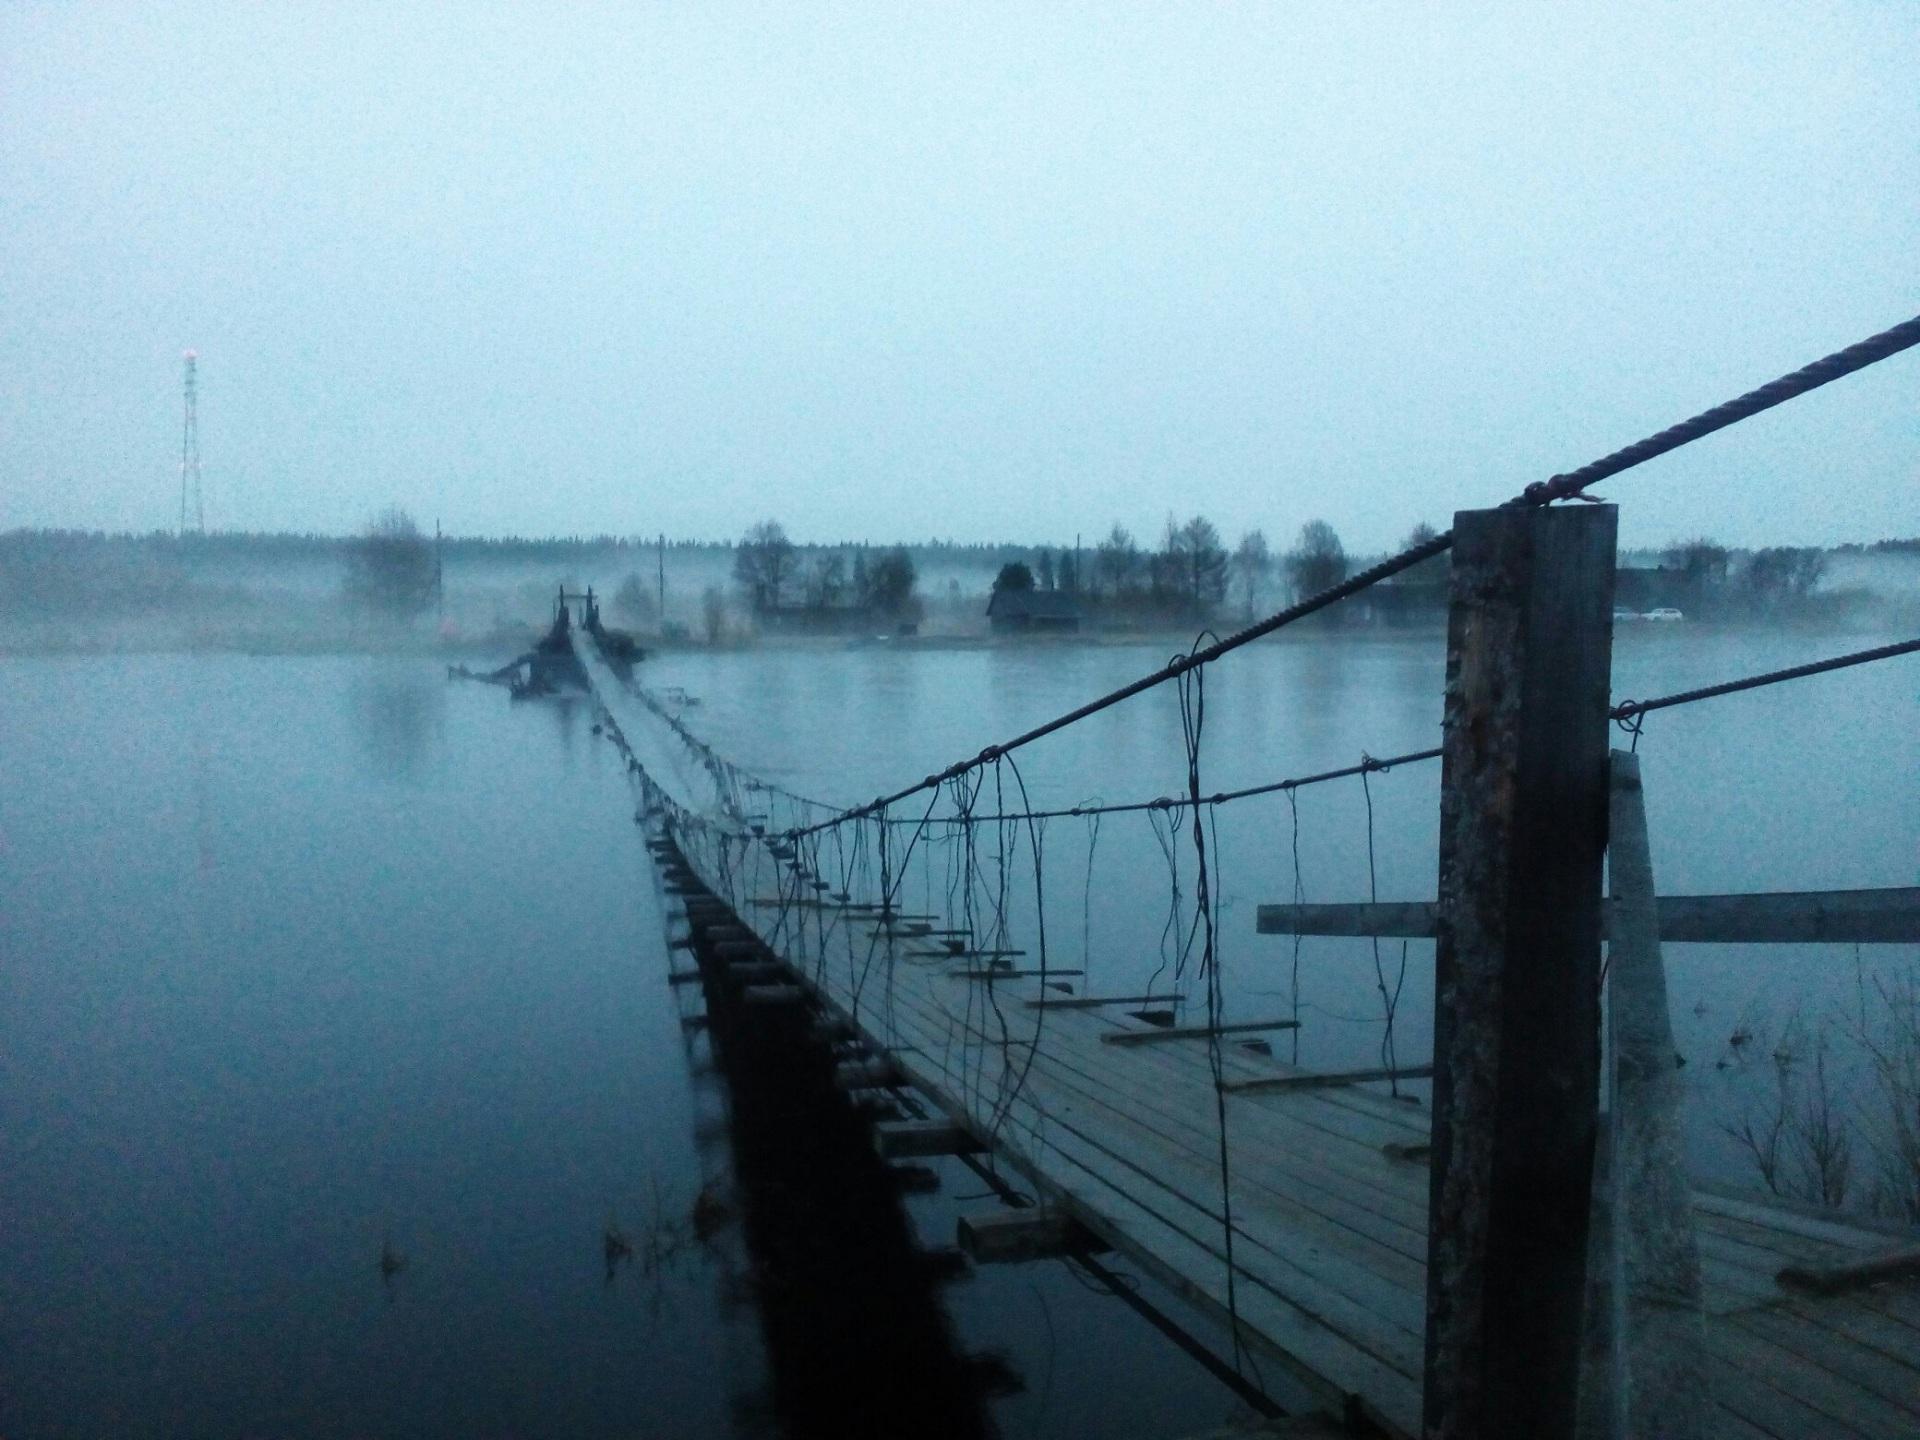 Уровень воды в Усть-Цилемском районе в ближайшие сутки достигнет неблагоприятной отметки